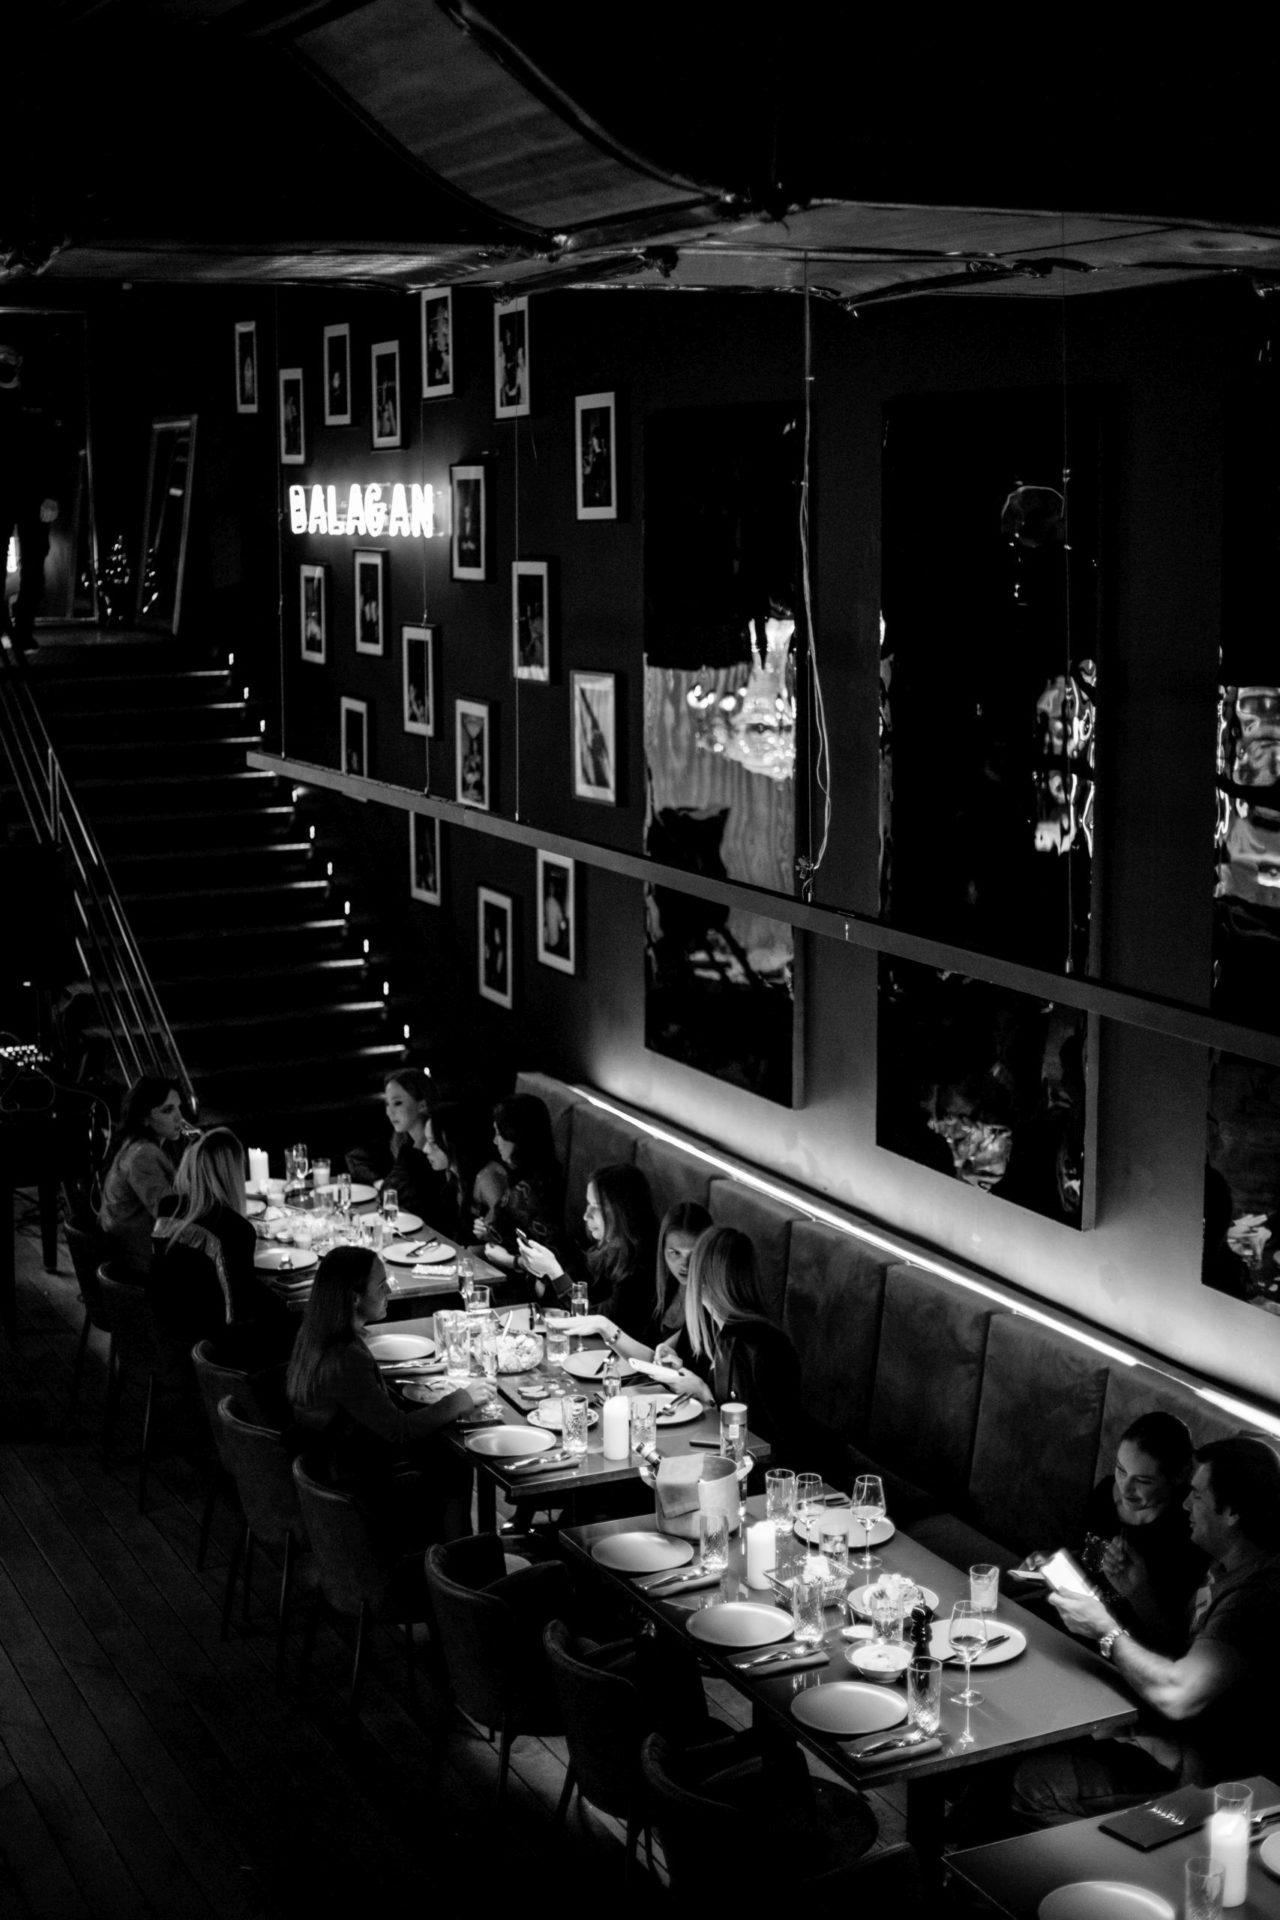 Клуб балаган москва расторгуевский переулок барное меню клубов москвы